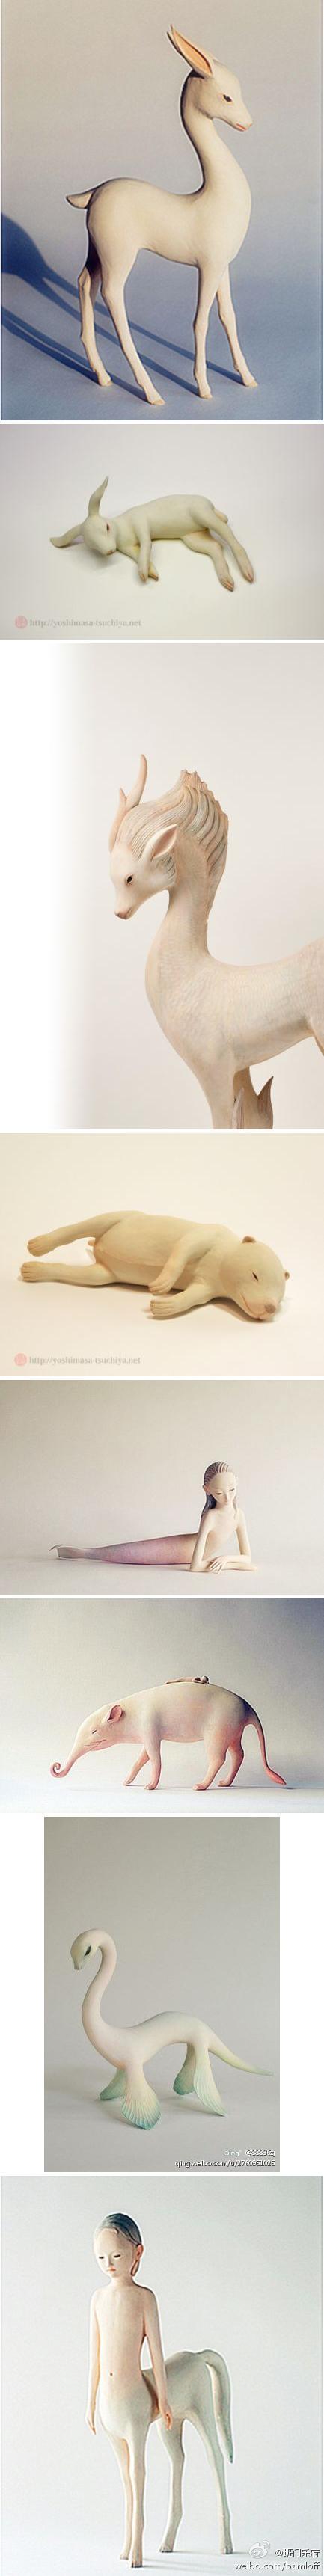 日本艺术家Yoshimasa Tsuchiya灵性木雕品欣赏